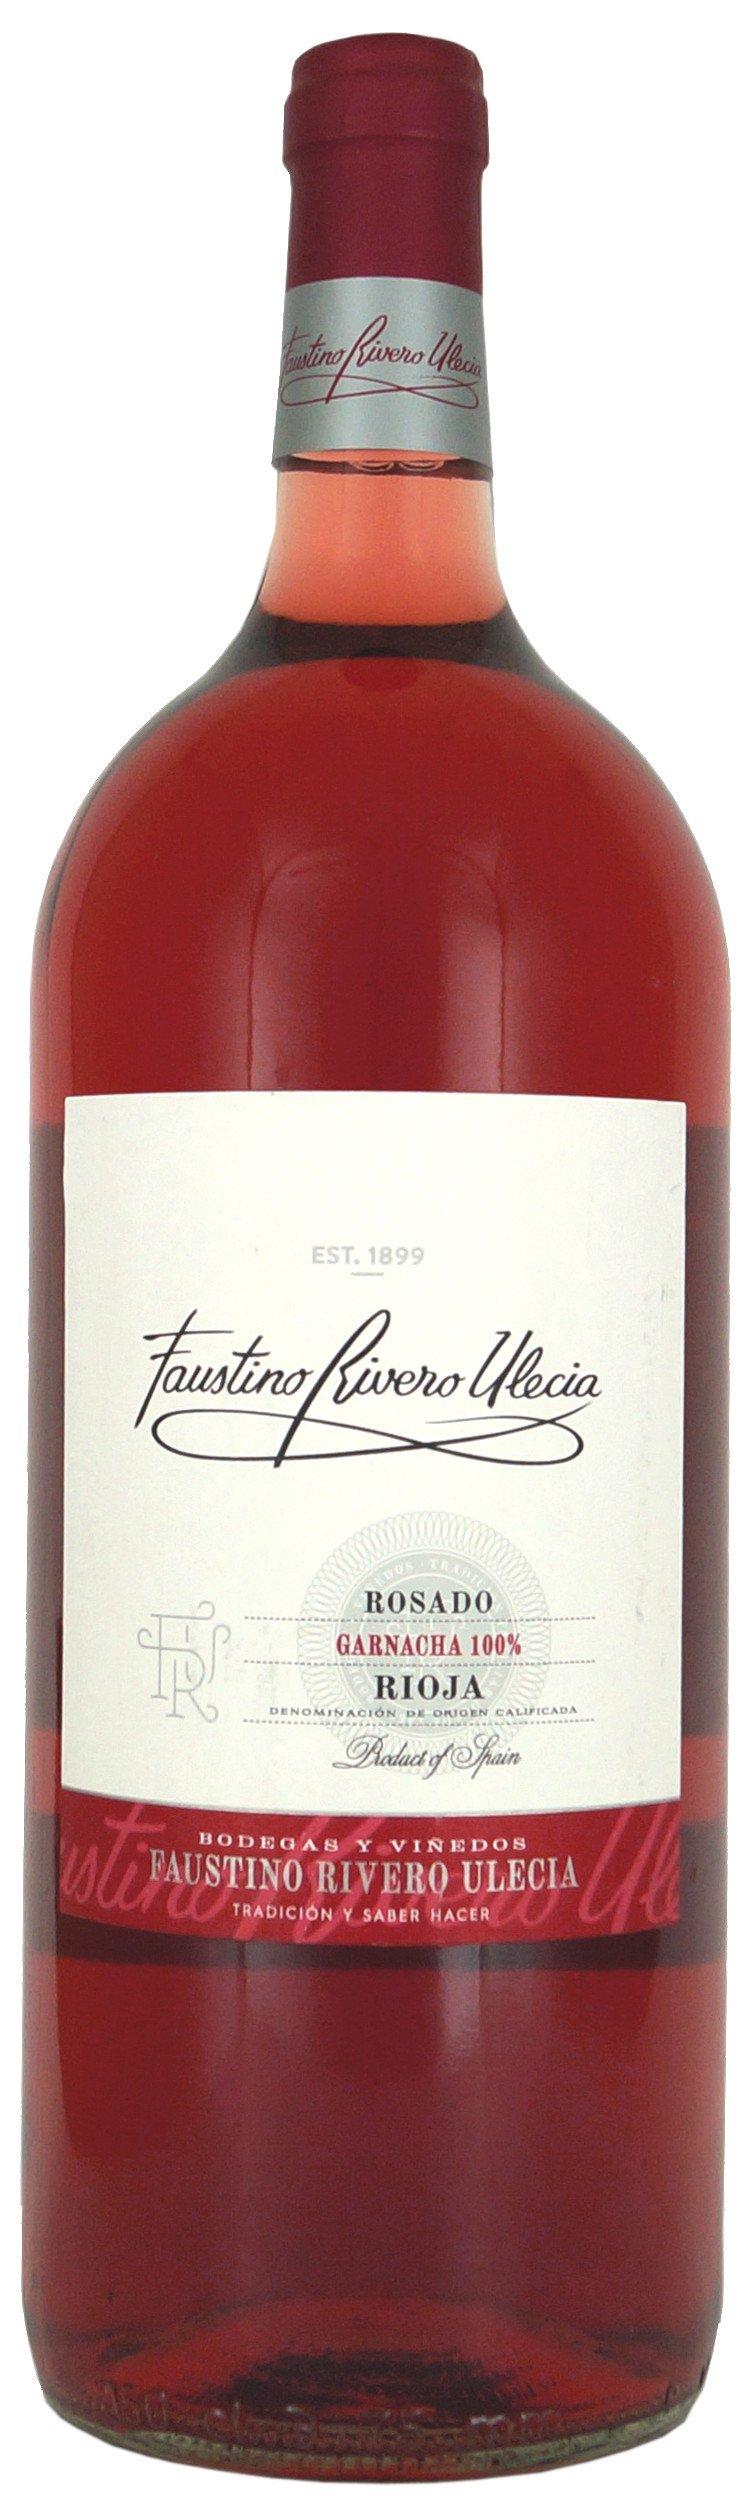 Faustino-Rivero-Ulecia-Rosado-2017-1-x-15-l